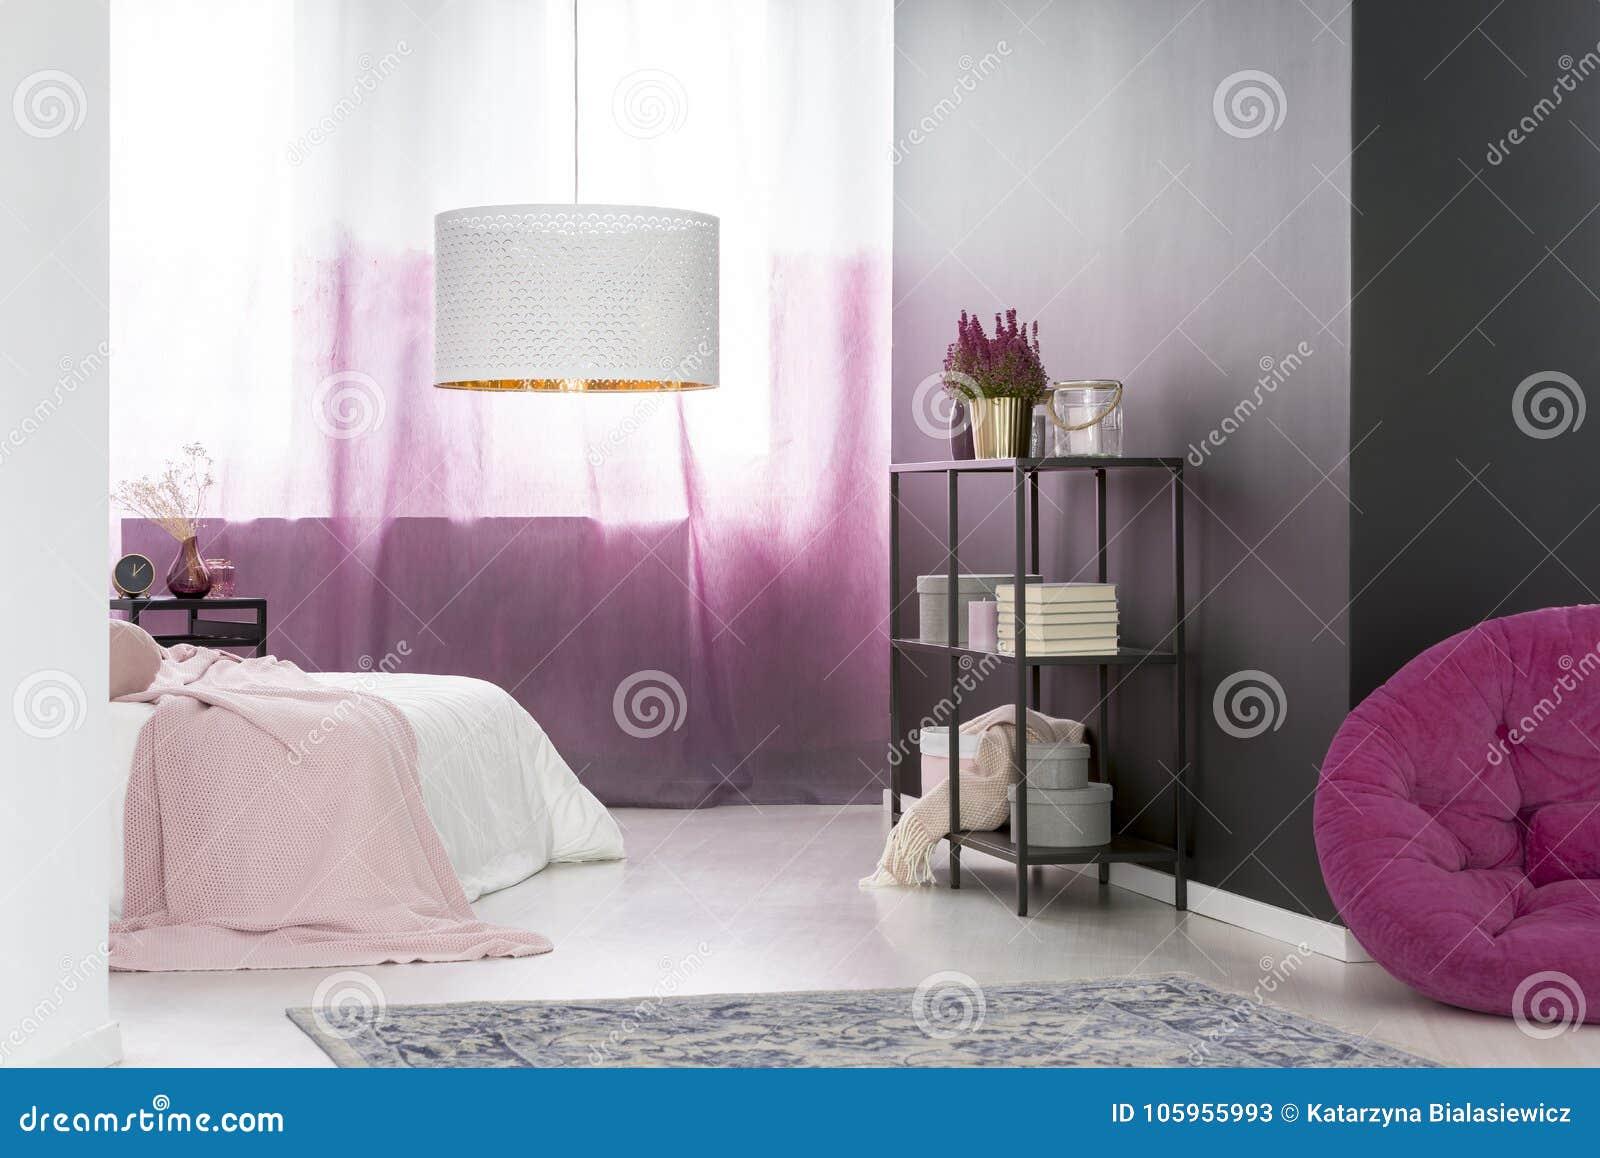 Camera Letto Rosa : Camera da letto rosa e nera immagine stock immagine di domestico